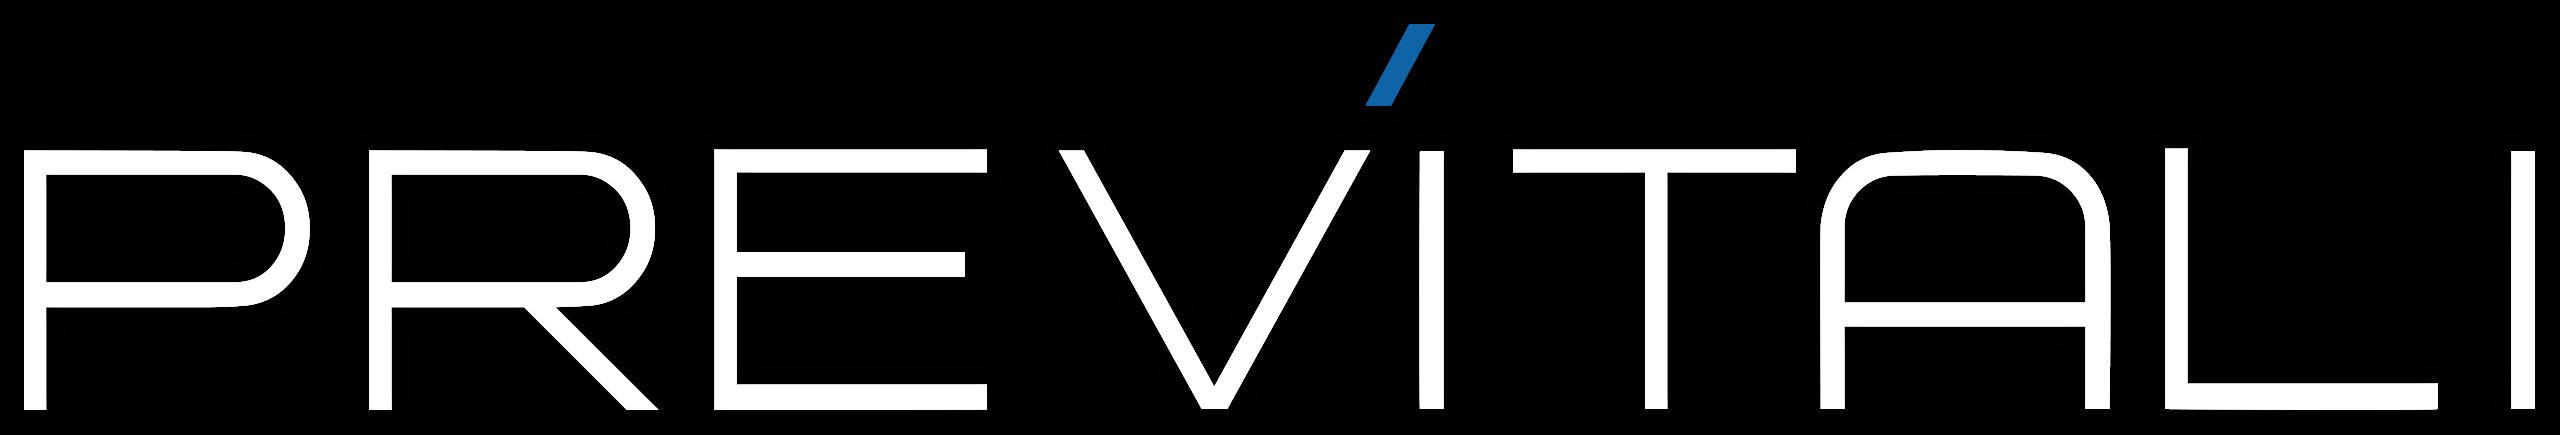 previtali logo